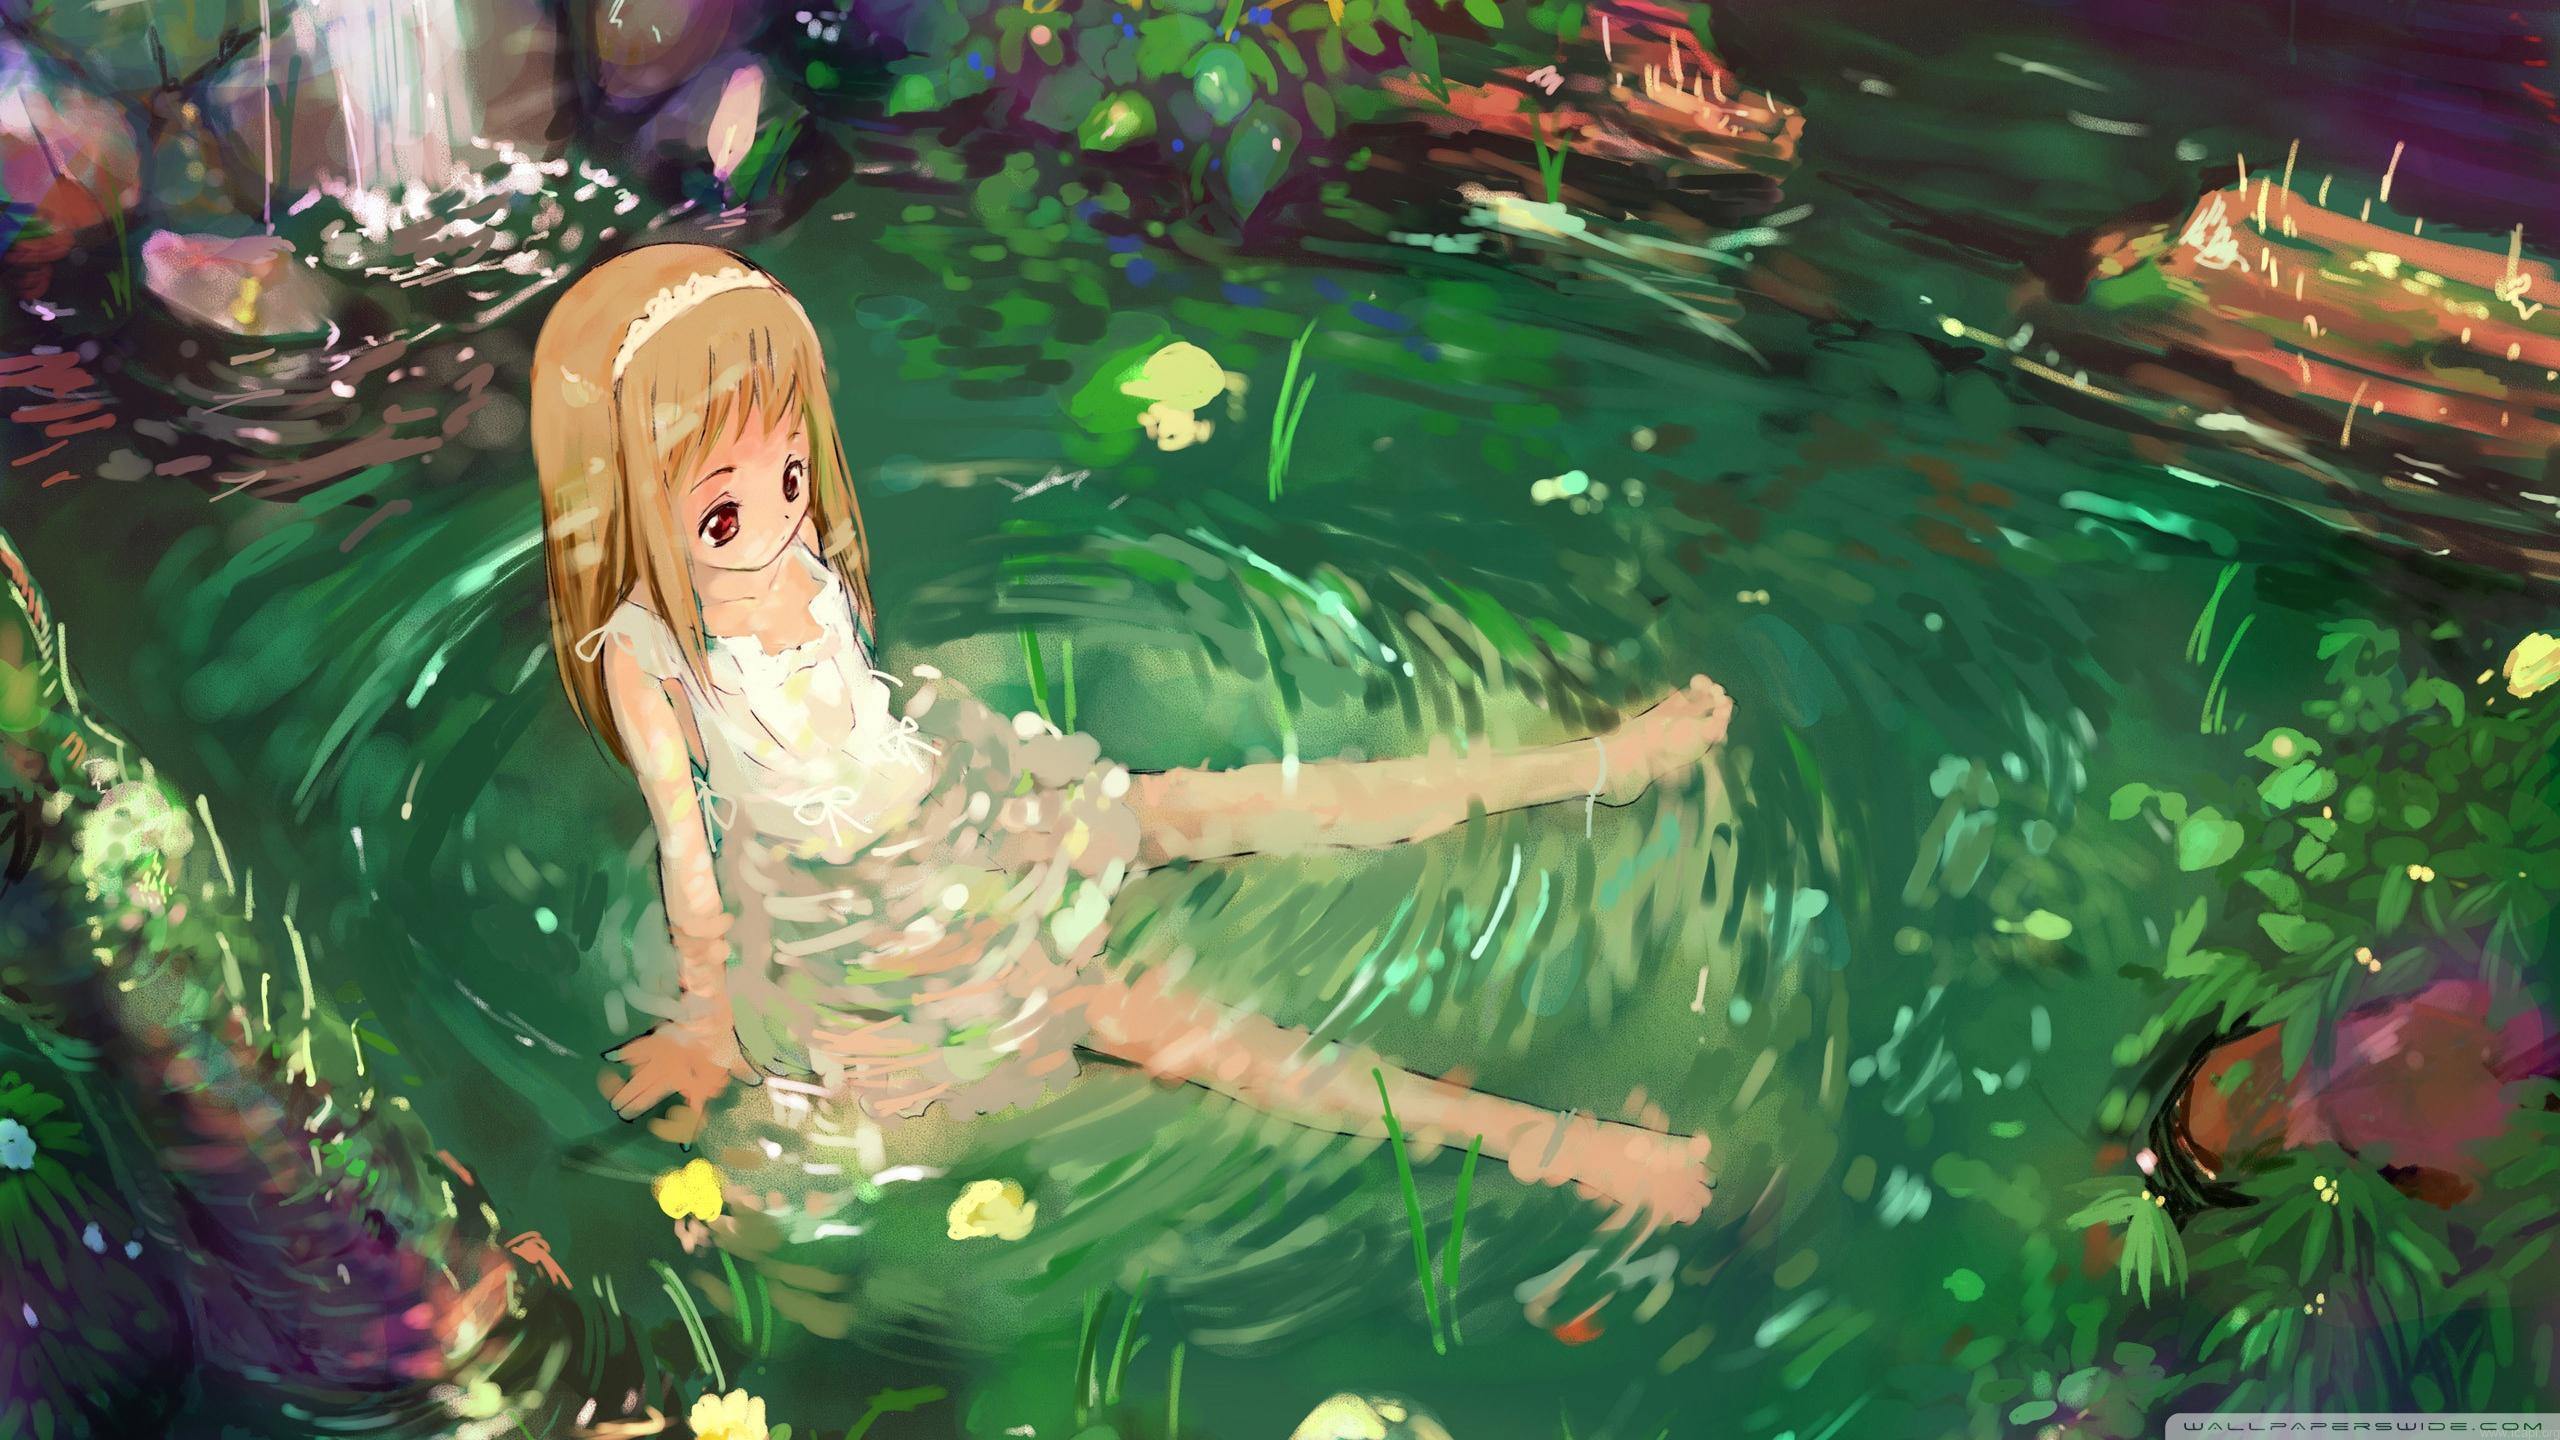 hình nền win 10 anime